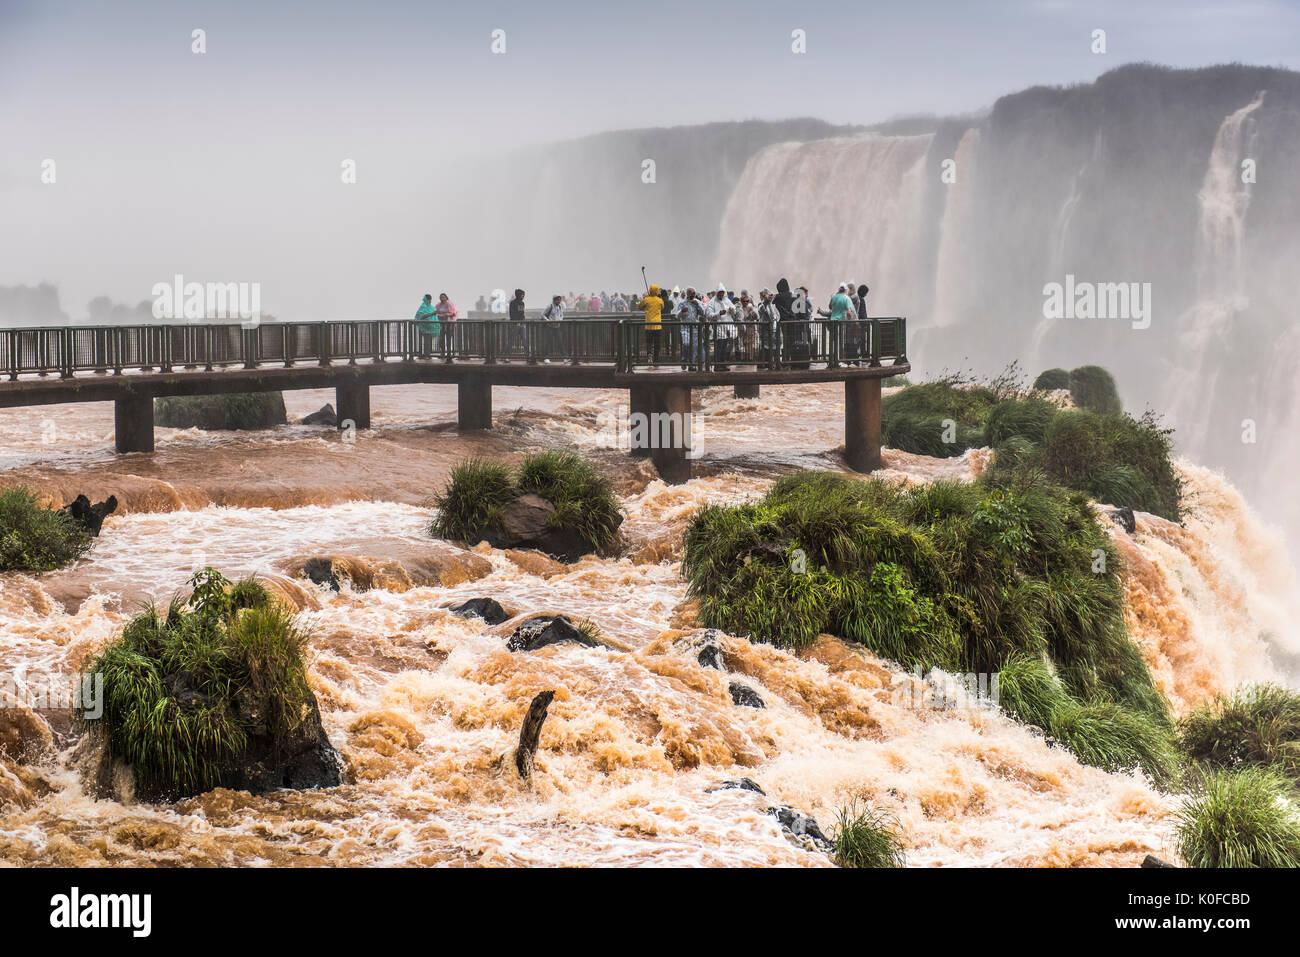 Tourists on viewing platform, Iguazú Falls, Foz do Iguaçu, Paraná, Brazil Stock Photo